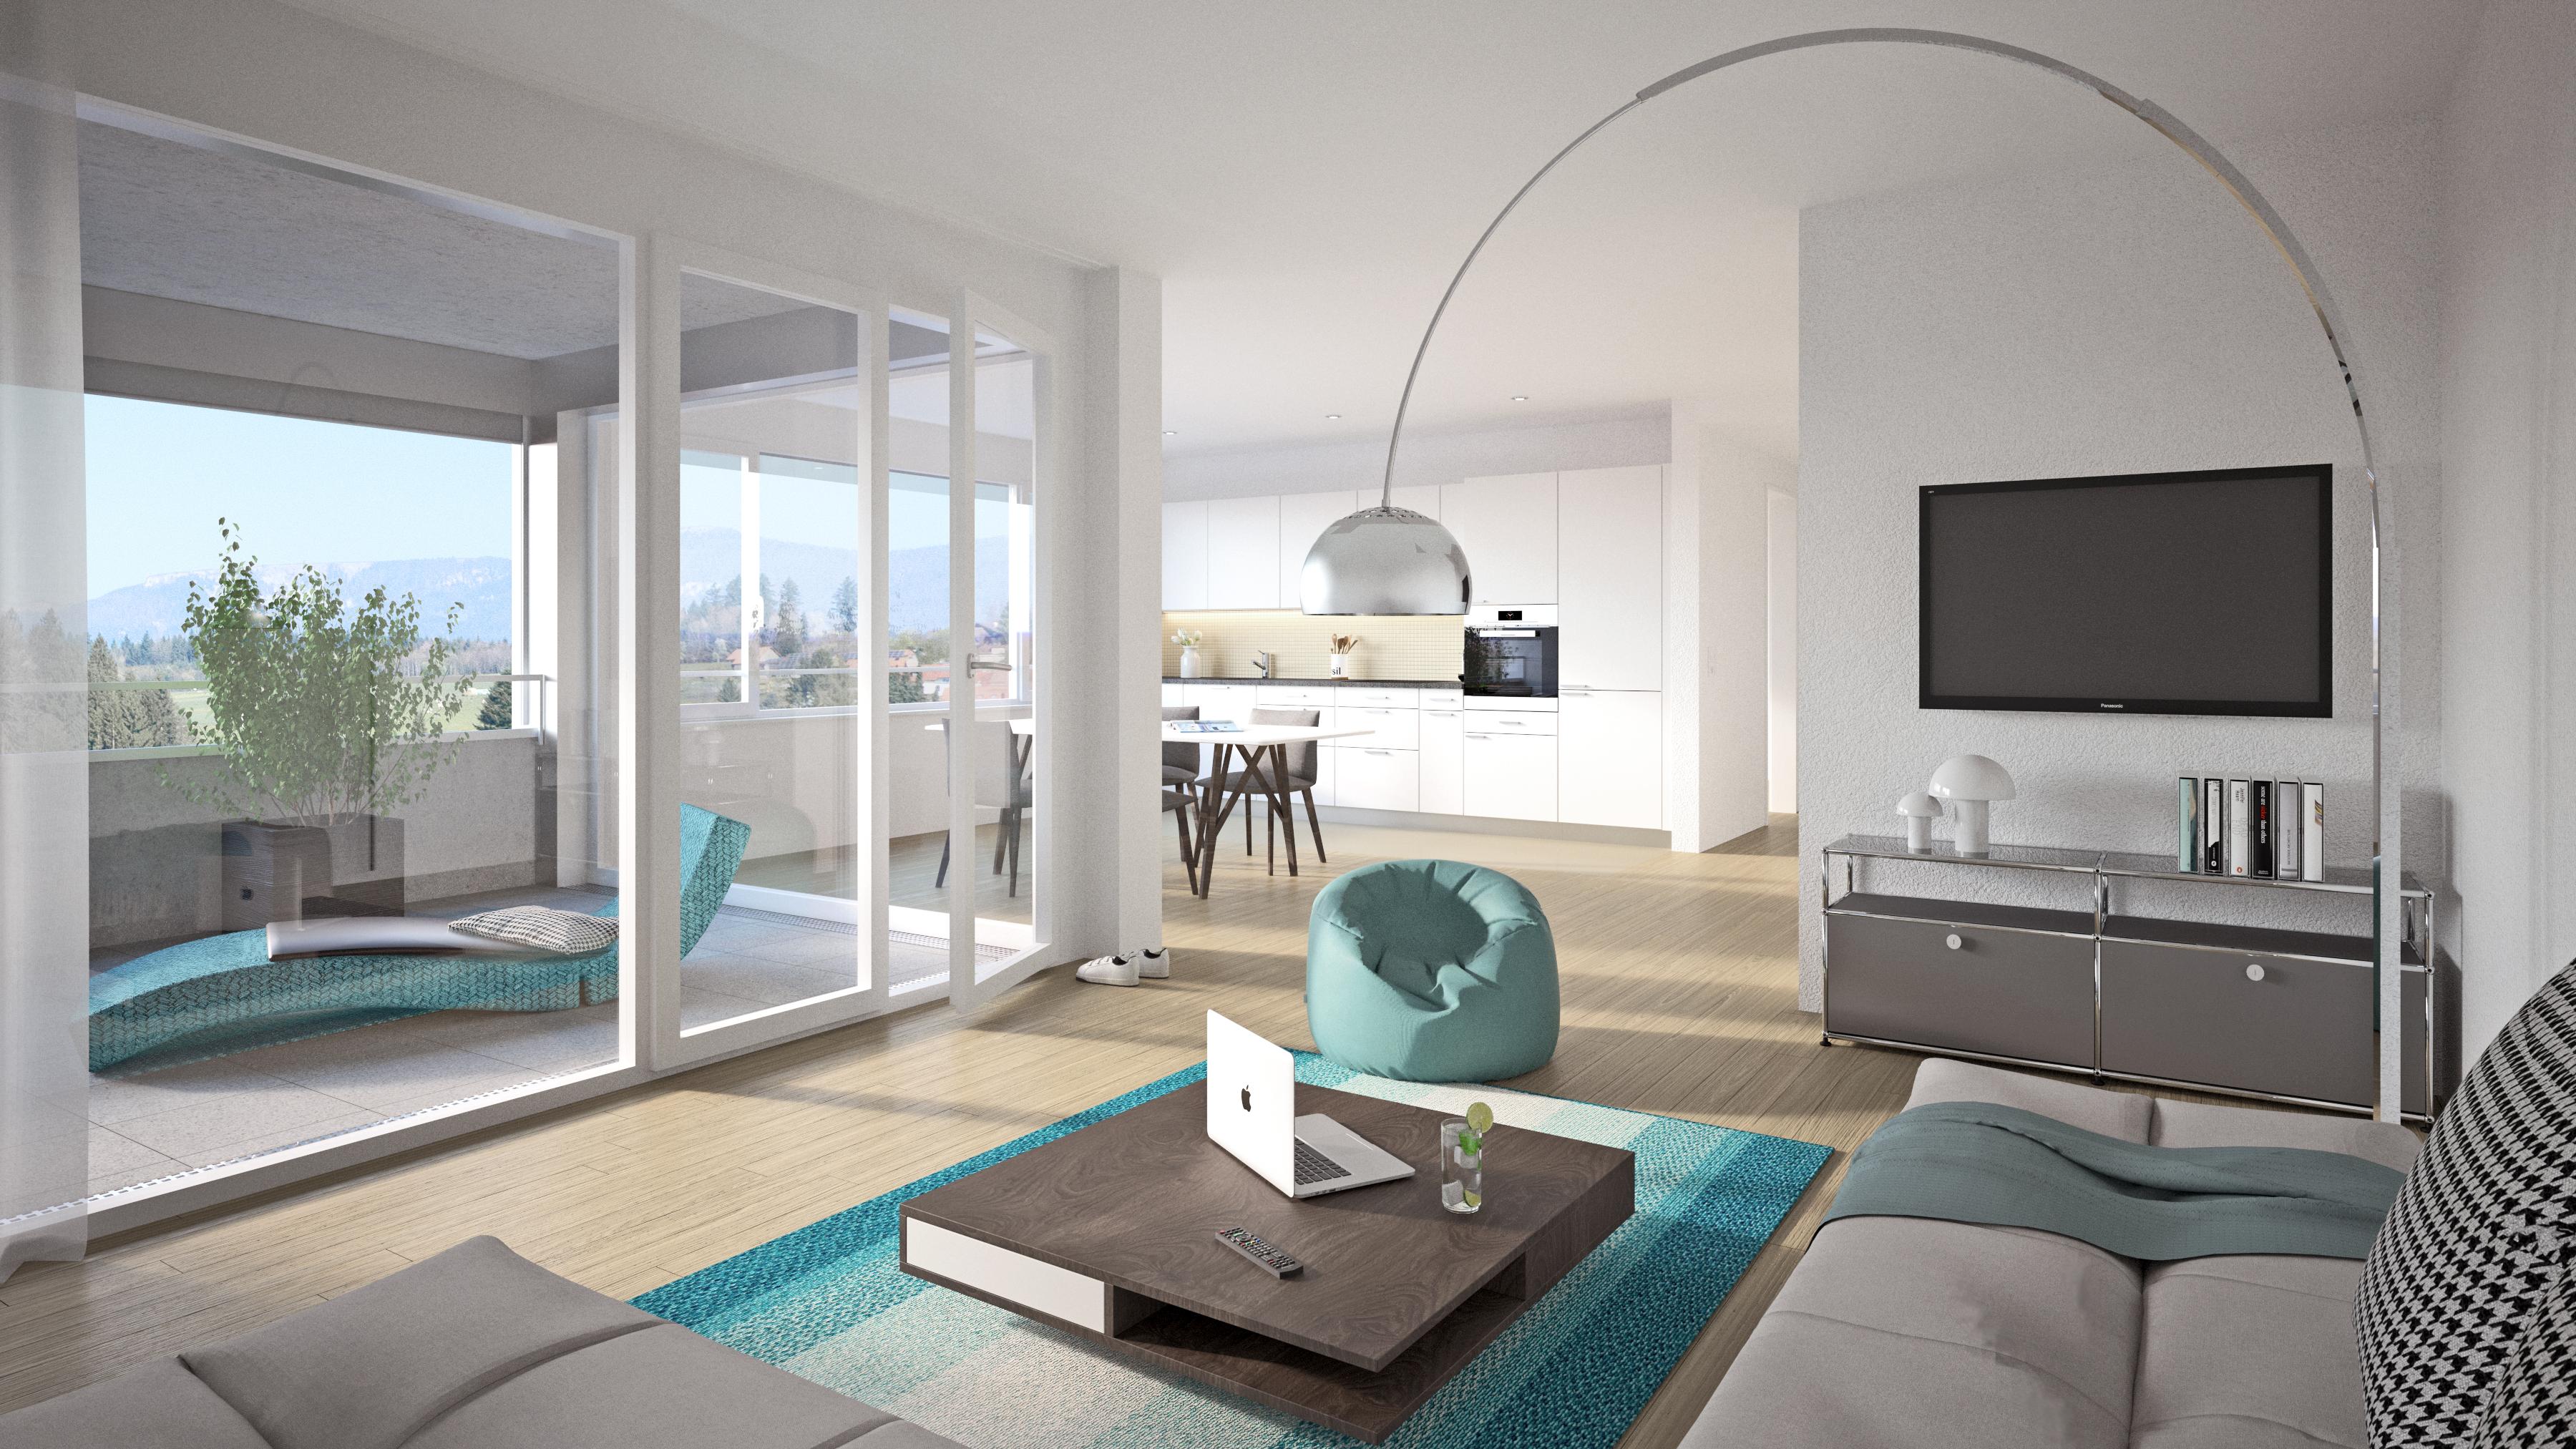 LOHNEND Entspannt Wohnen und Arbeiten in Lohn Lohn-Ammannsegg Solothurn Ausblick Weitblick Zeitgest Edel Komfortabel Gemütlich Zentral Modern Wohnung Mieten